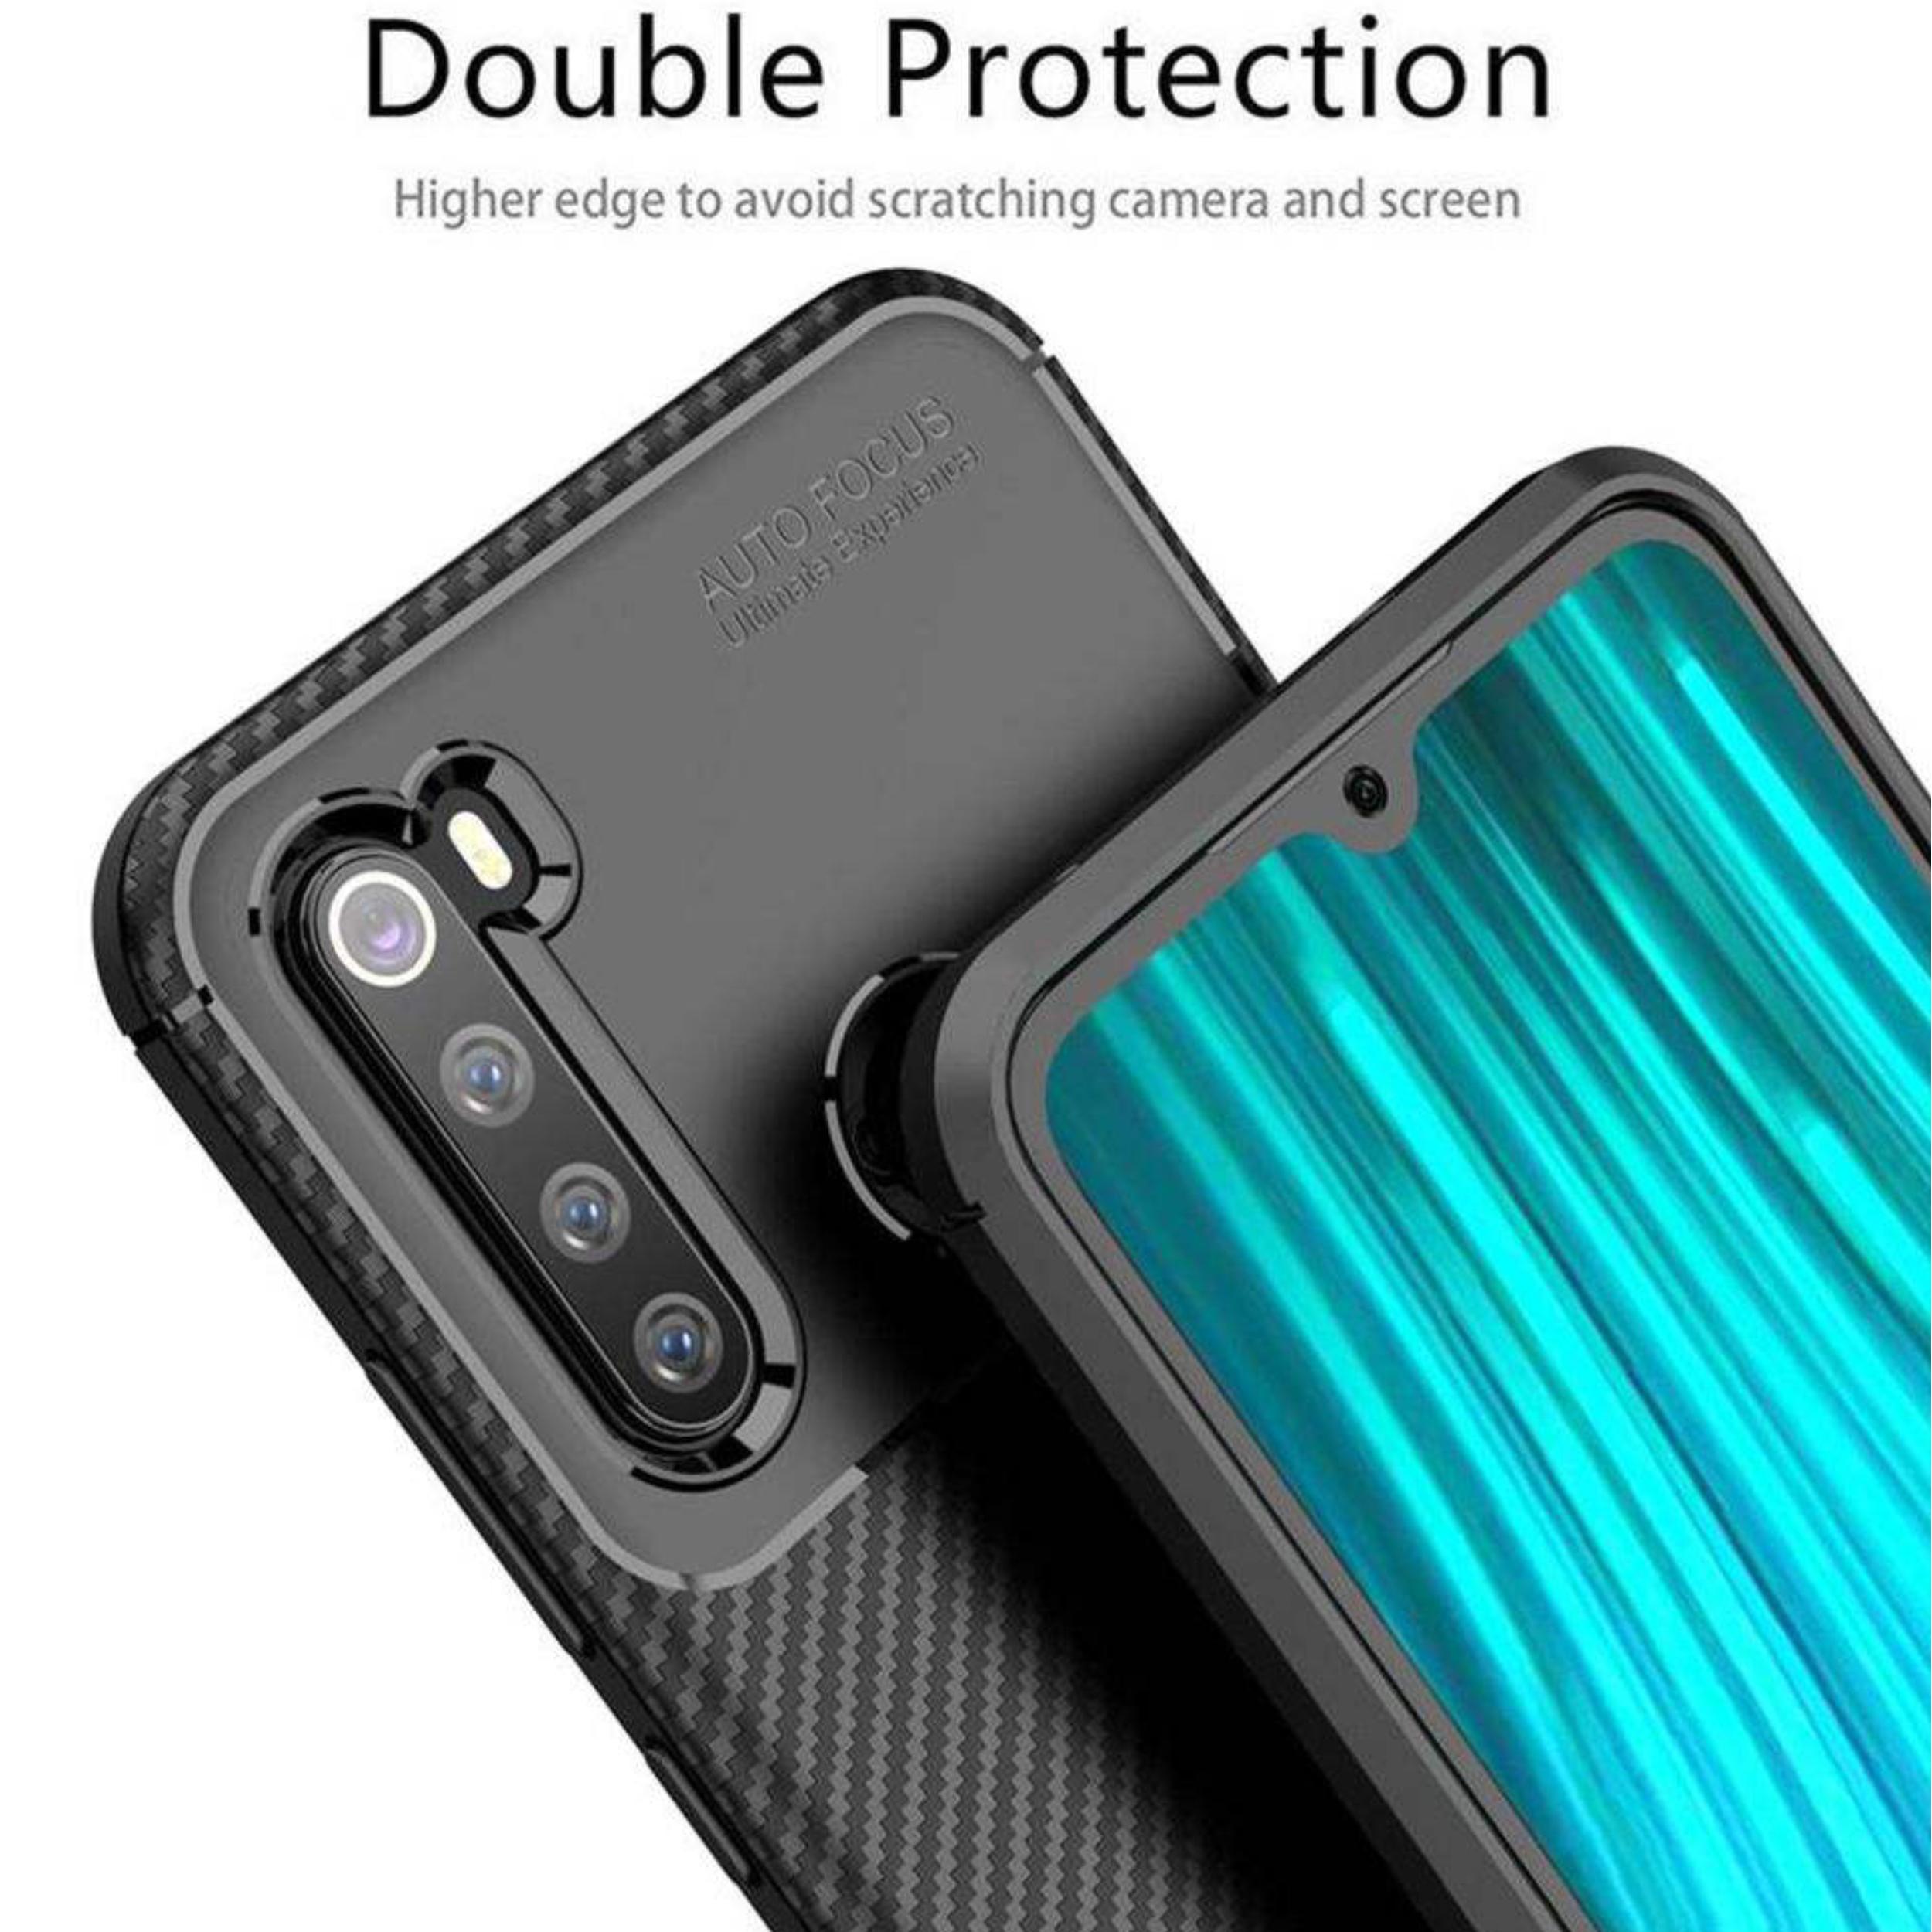 کاور لاین کینگ مدل A21 مناسب برای گوشی موبایل شیائومی Redmi Note 8 thumb 2 2